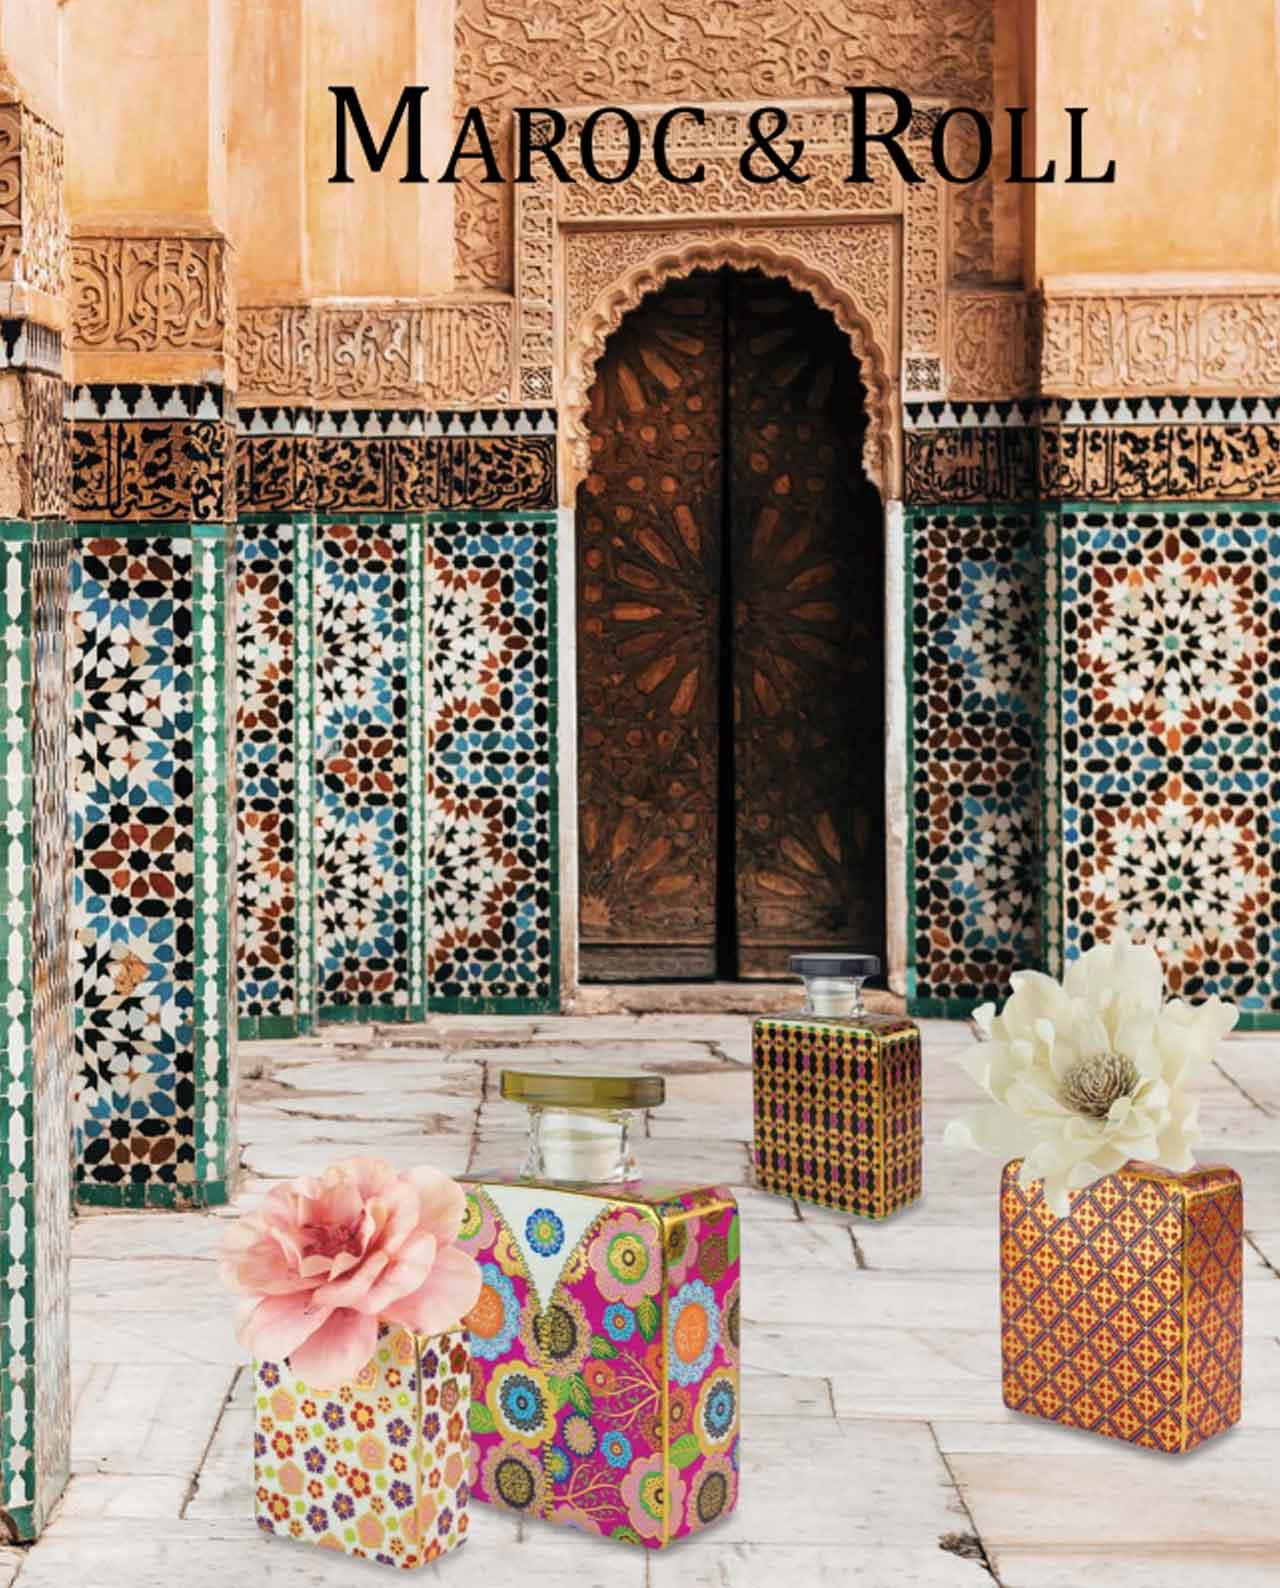 Bottiglie profumatori ambiente piccole baci milano maroc e for Mobilia 2017 maroc